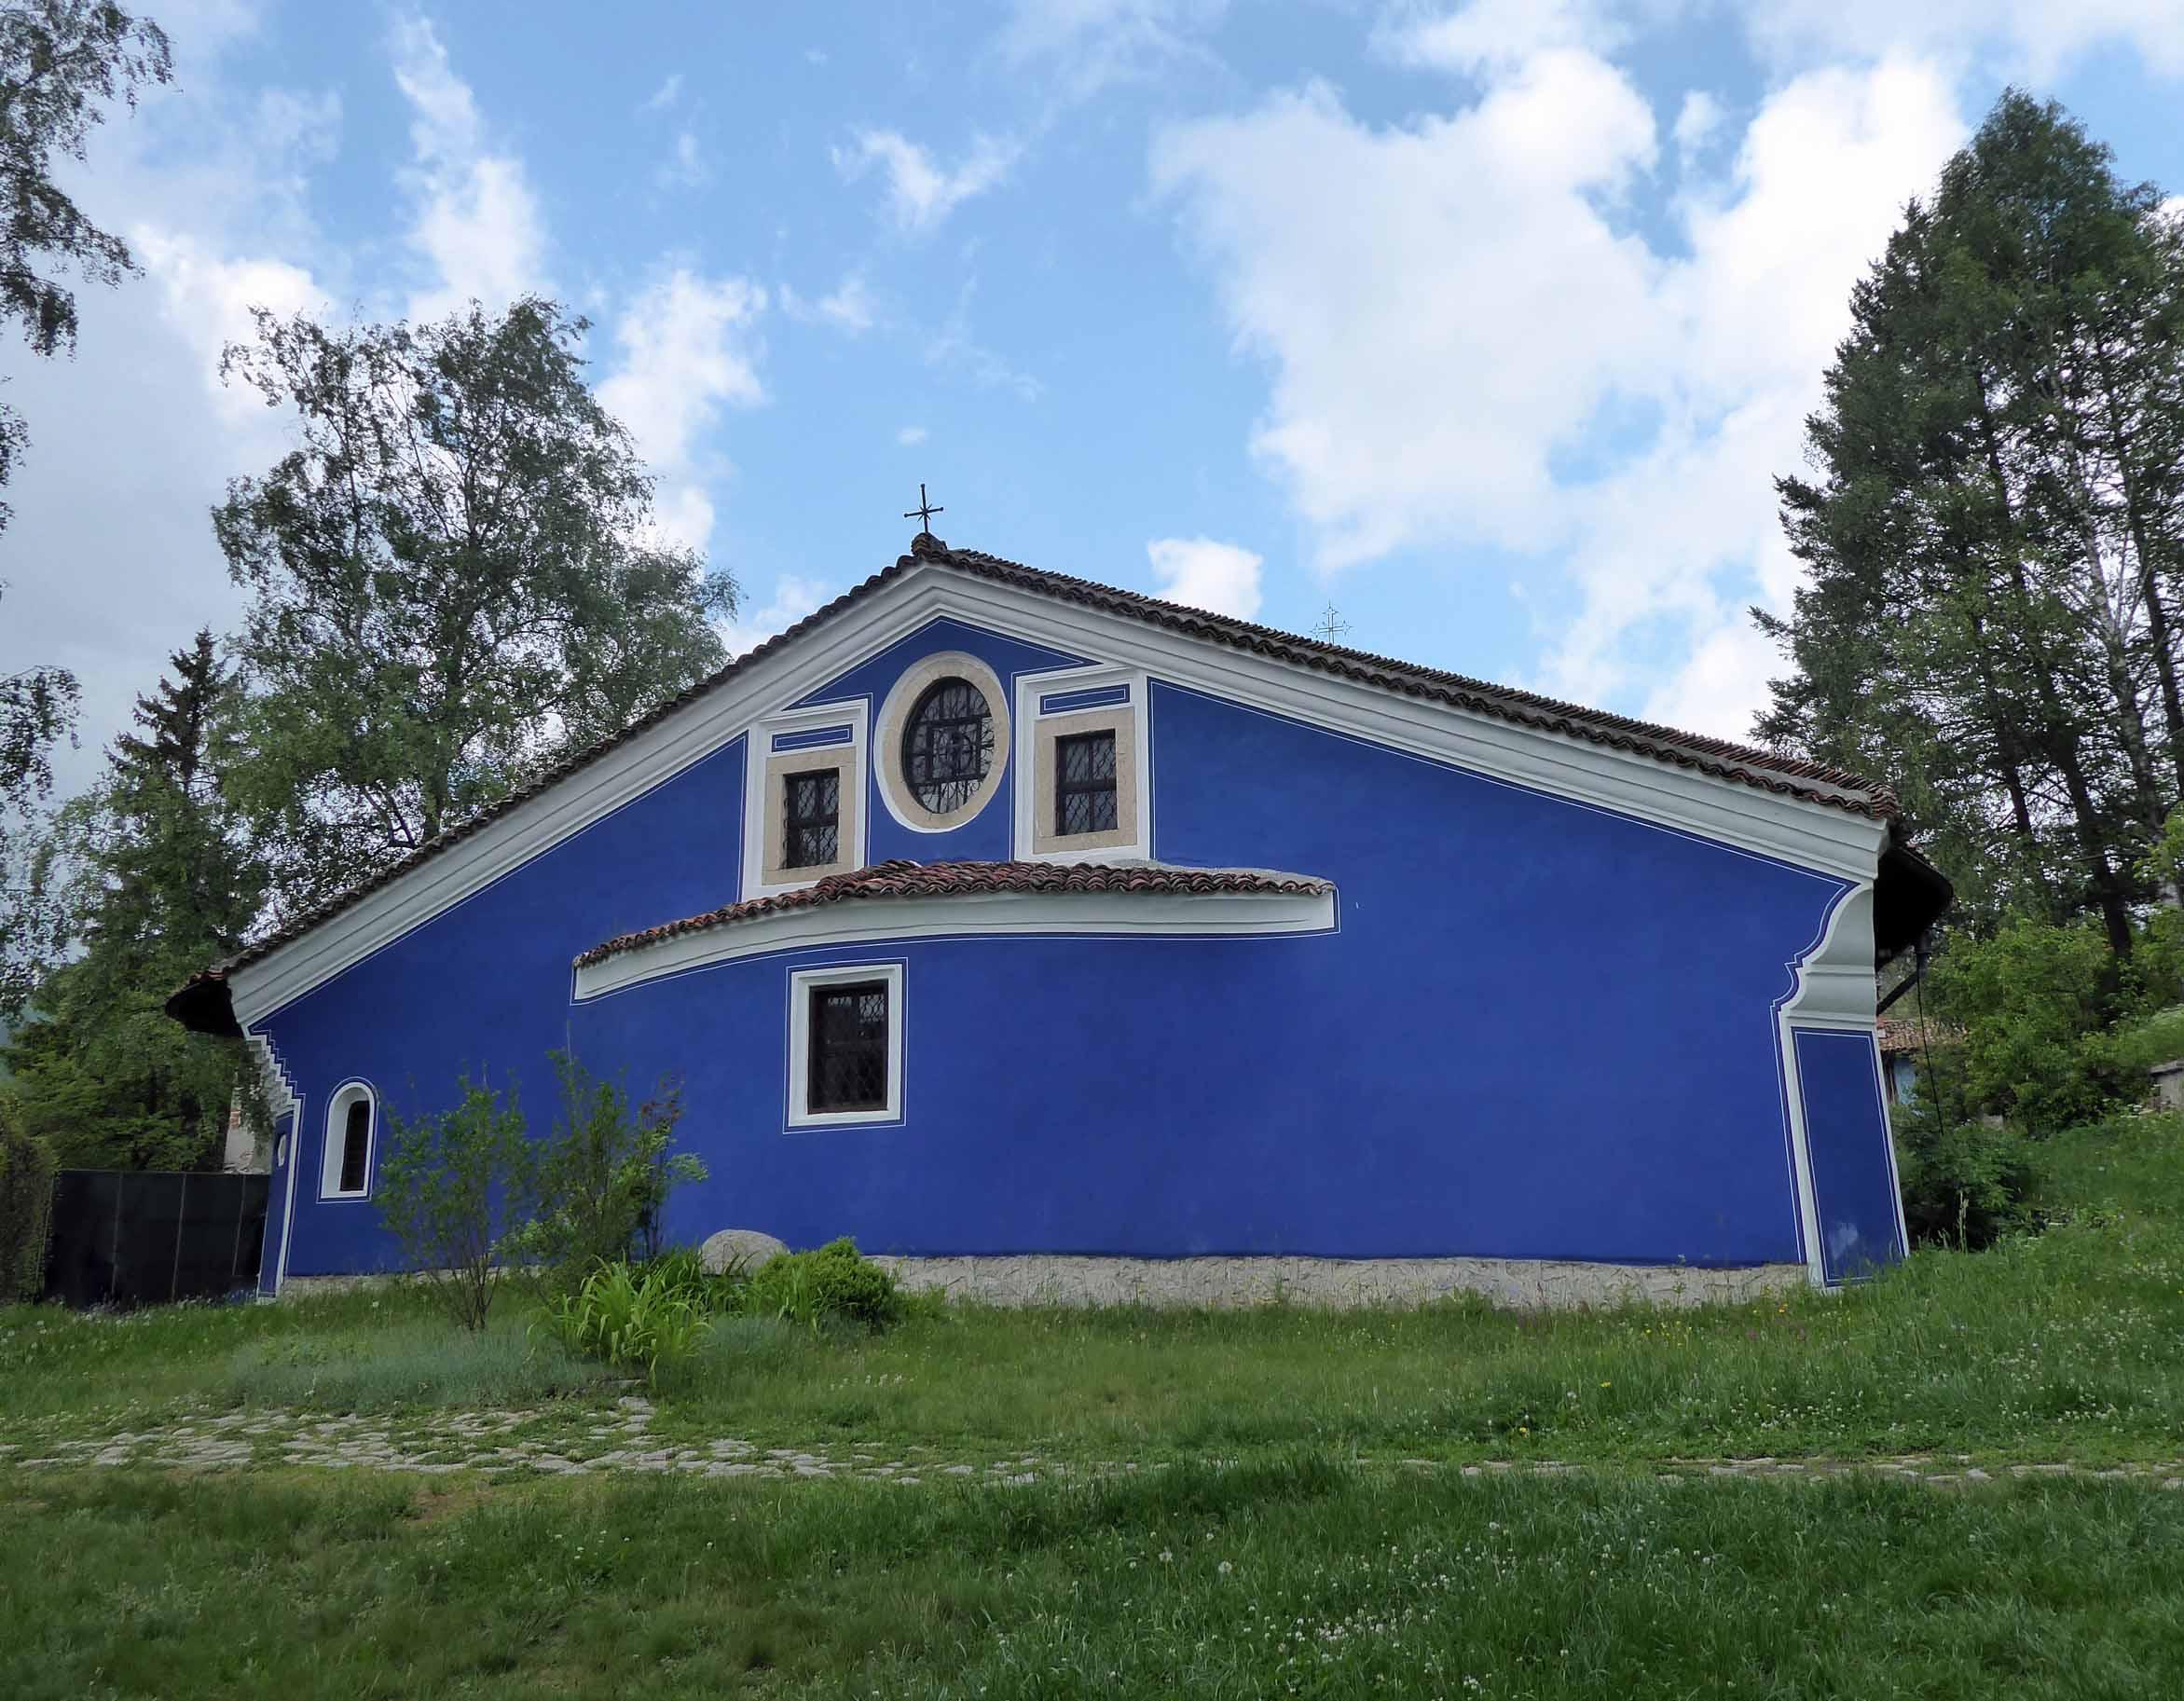 Church painted deep blue